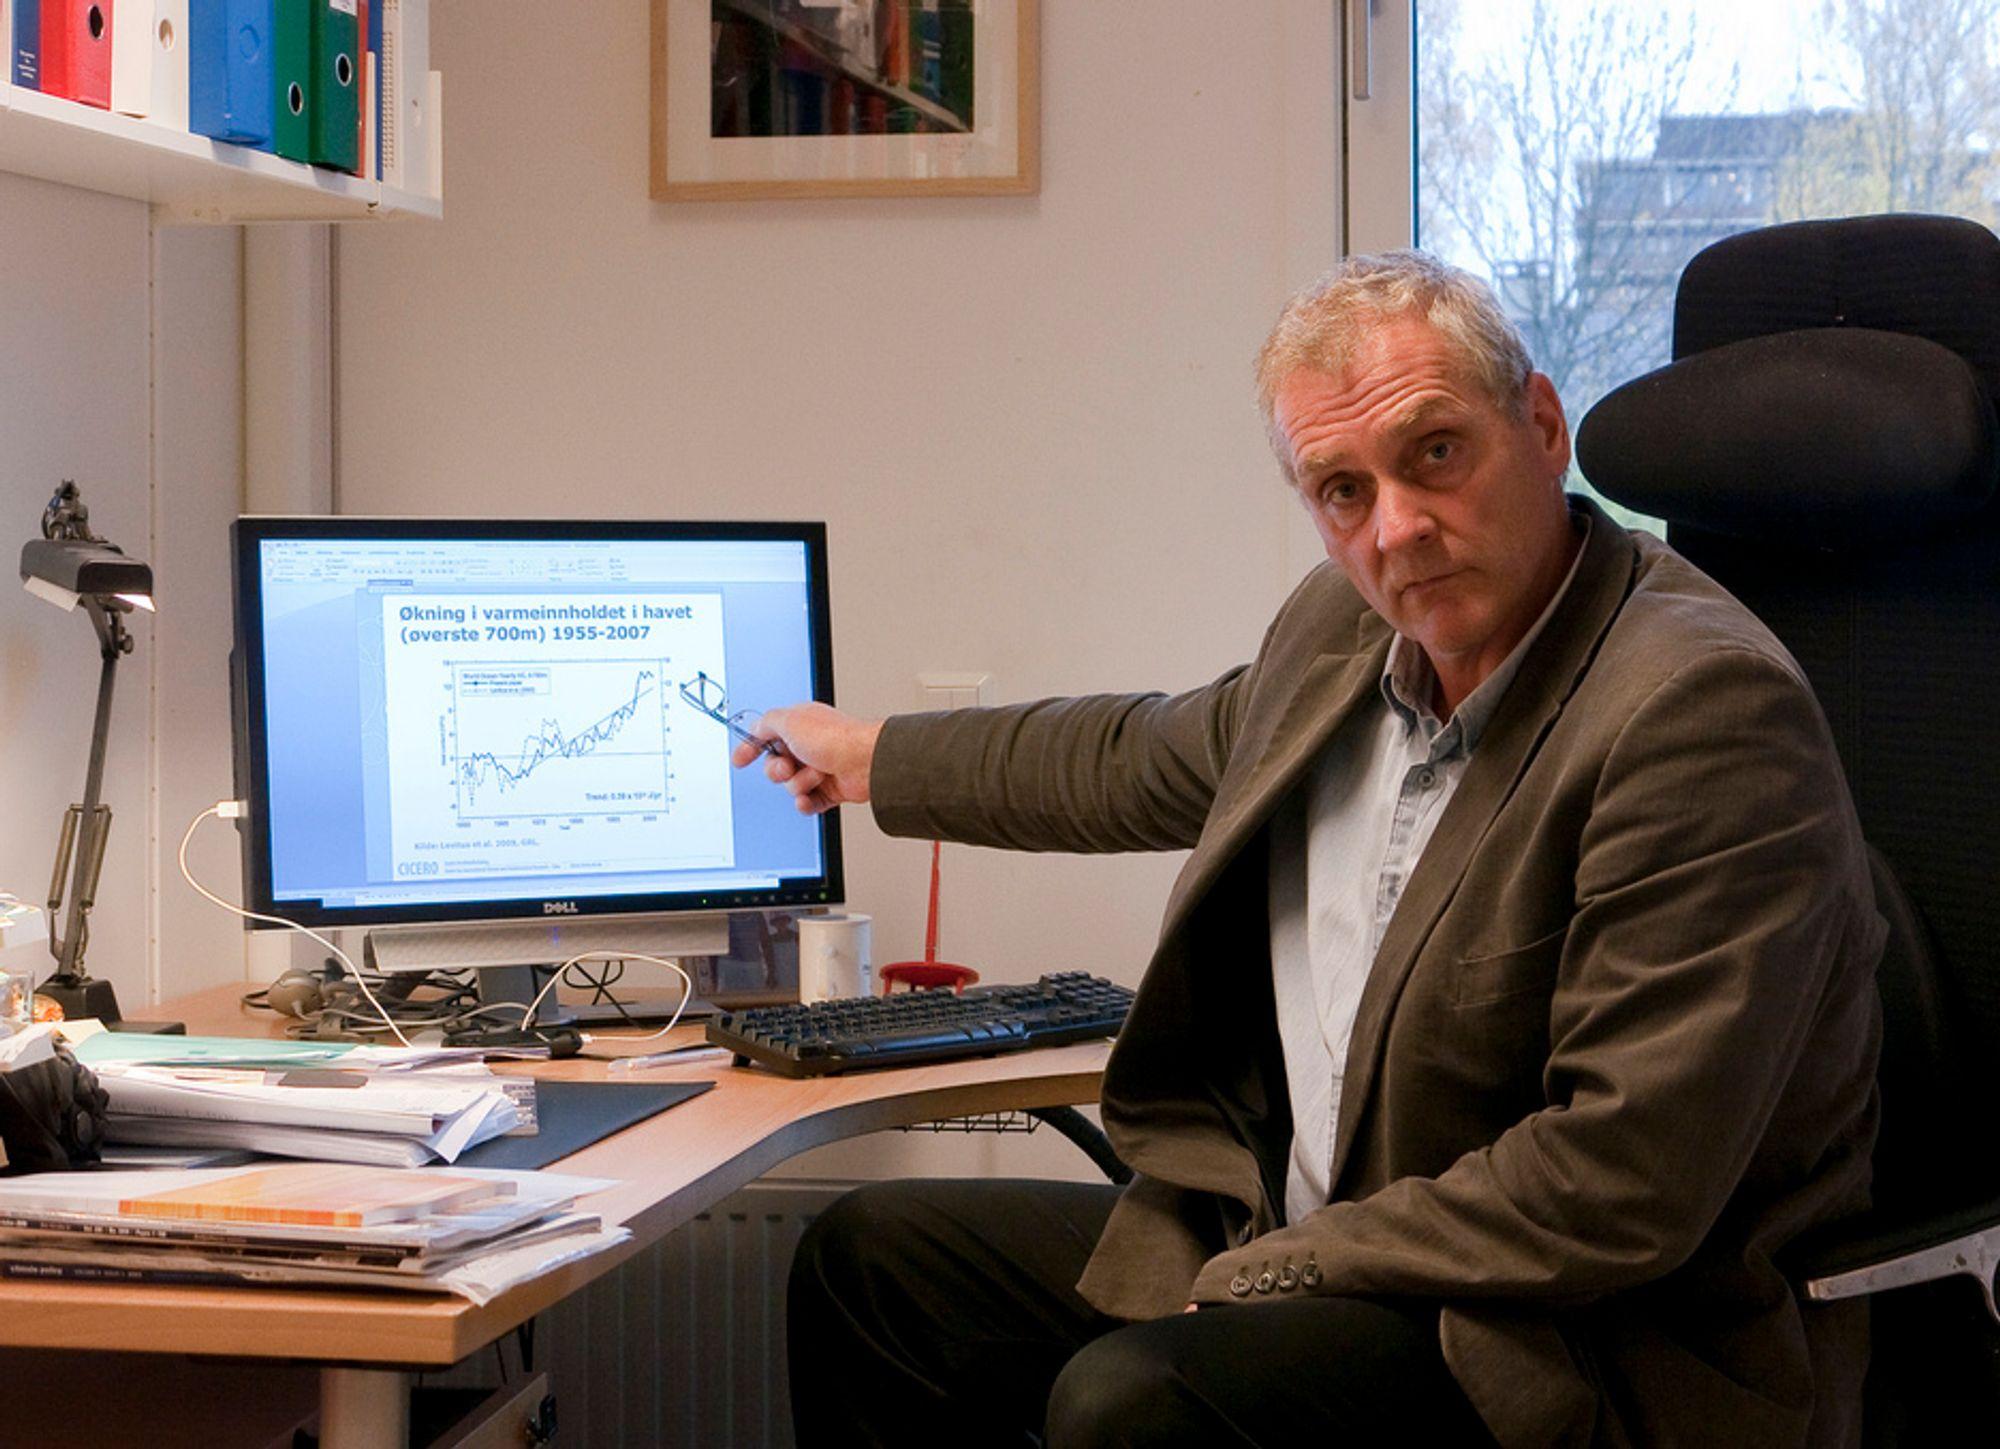 VARMERE:Adm. direktør ved CICER, Pål Prestrud tilbakeviser påstandene om at temeraturøkningen på jorden har stoppet opp.